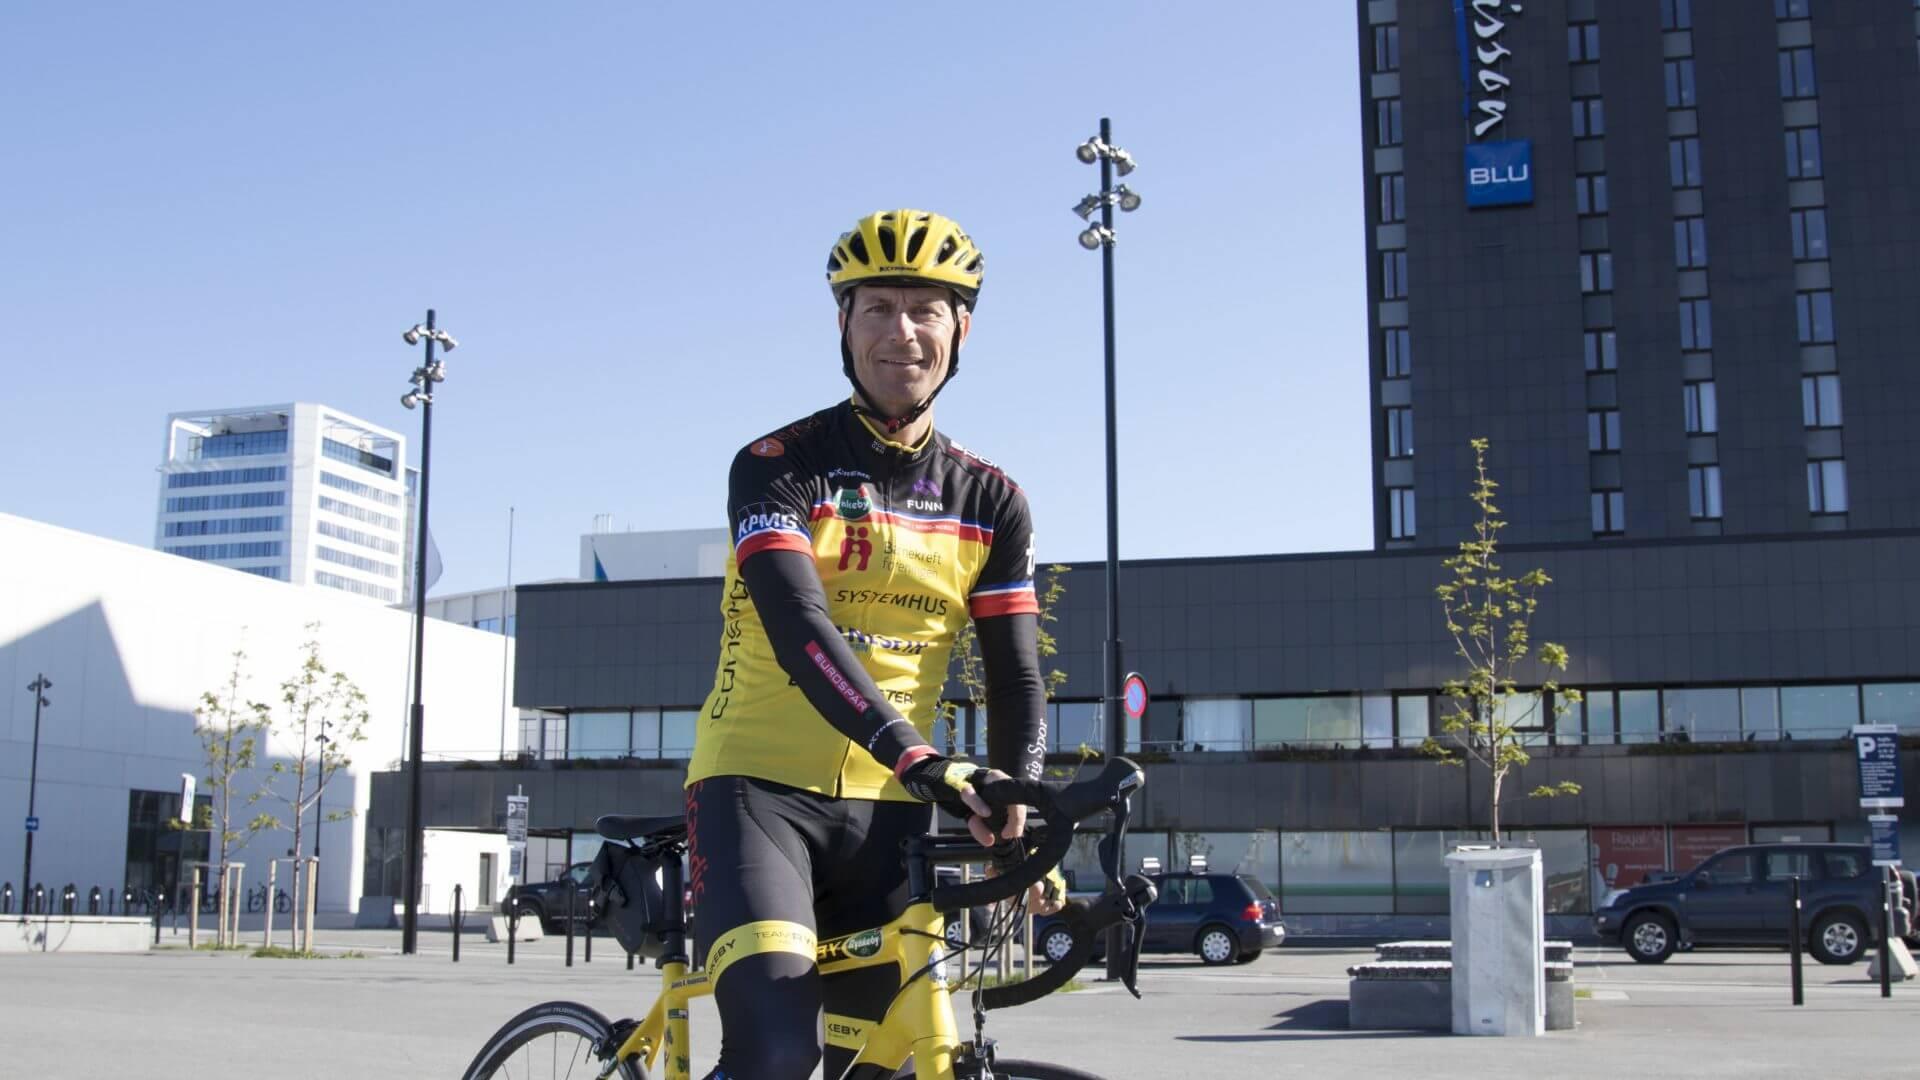 Svein Hedenstad er én av syklistene i Team Rynkeby som samler inn millioner til Barnekreftforeningen. Et tiltak vi i Riktig Spor støtter på alle måter. Foto: Jan Eskil Severinsen